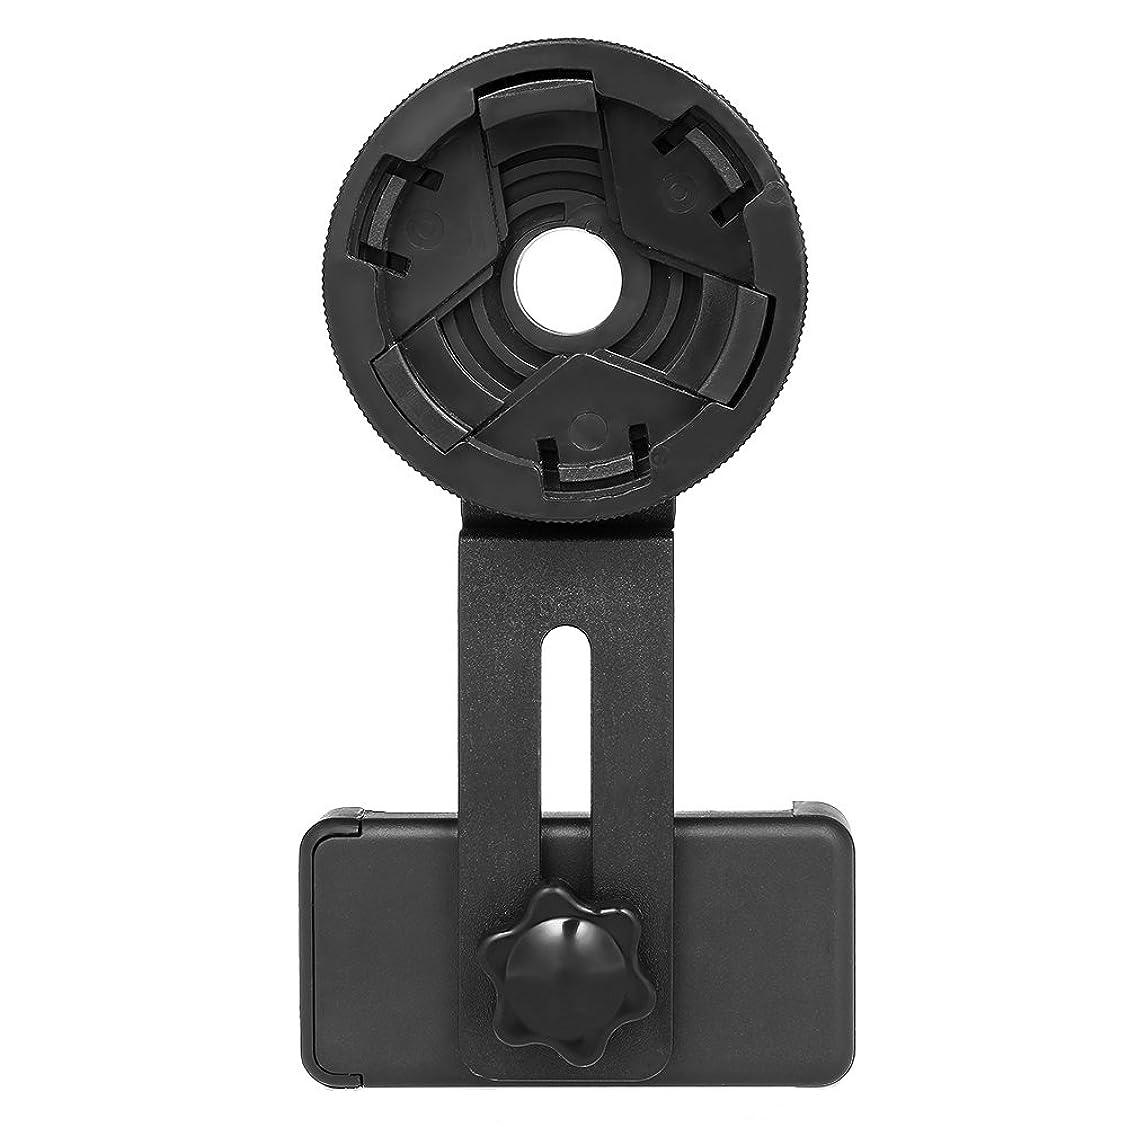 愛国的なマガジン典型的なDocooler 携帯電話マウントブラケットコネクタ スマートフォン写真アダプター 望遠鏡 単眼 双眼 スポット スコープ 顕微鏡用